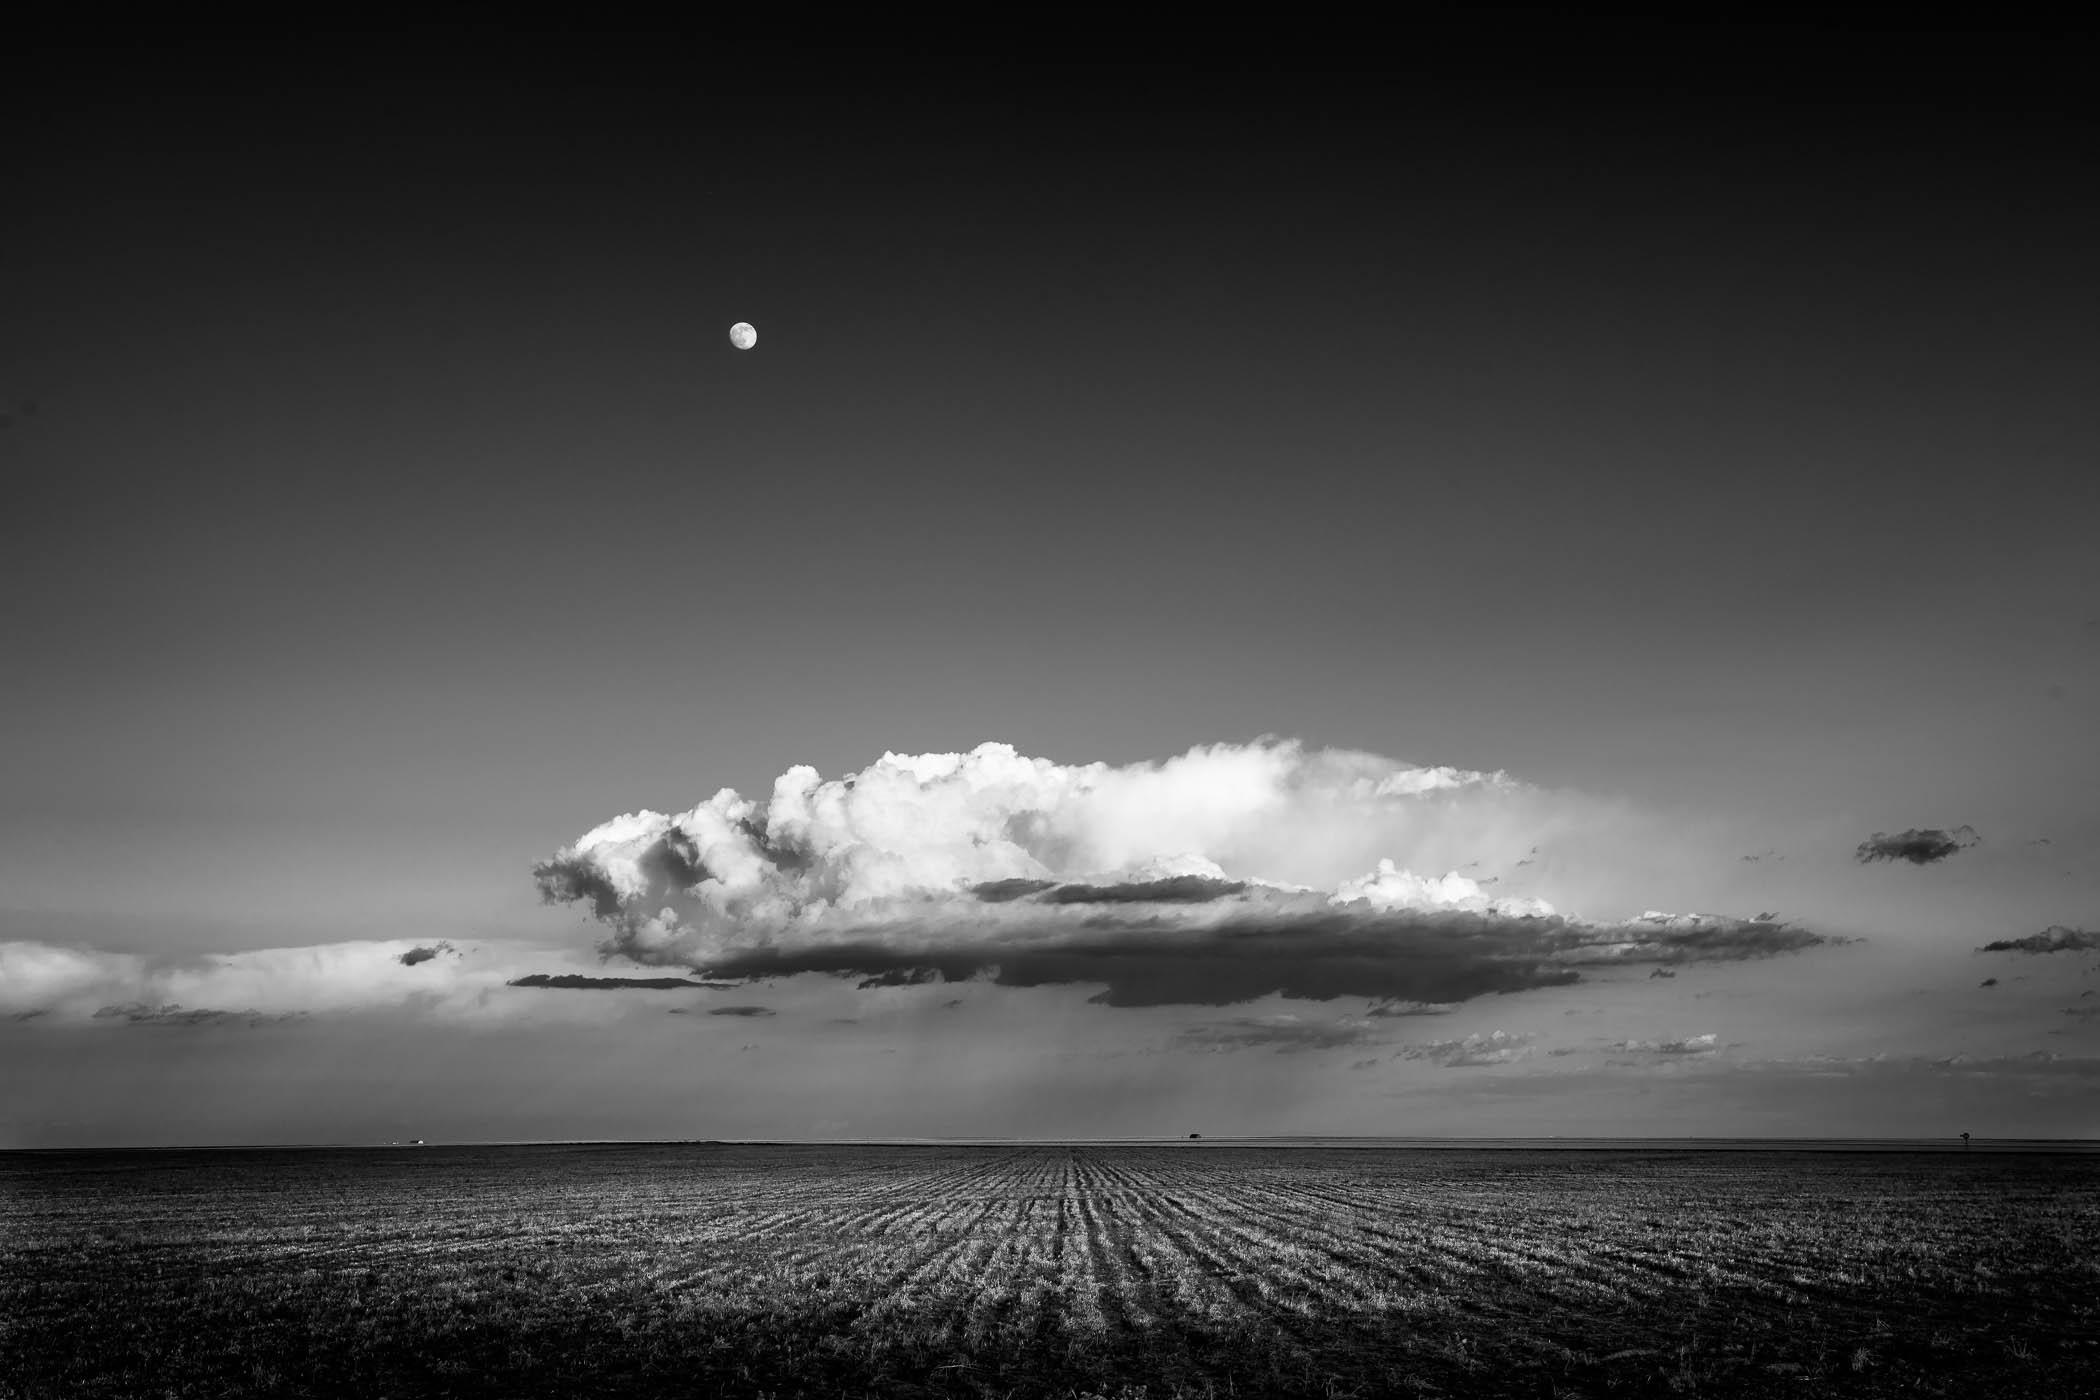 Cloud Over Cut Wheat Field, Colorado